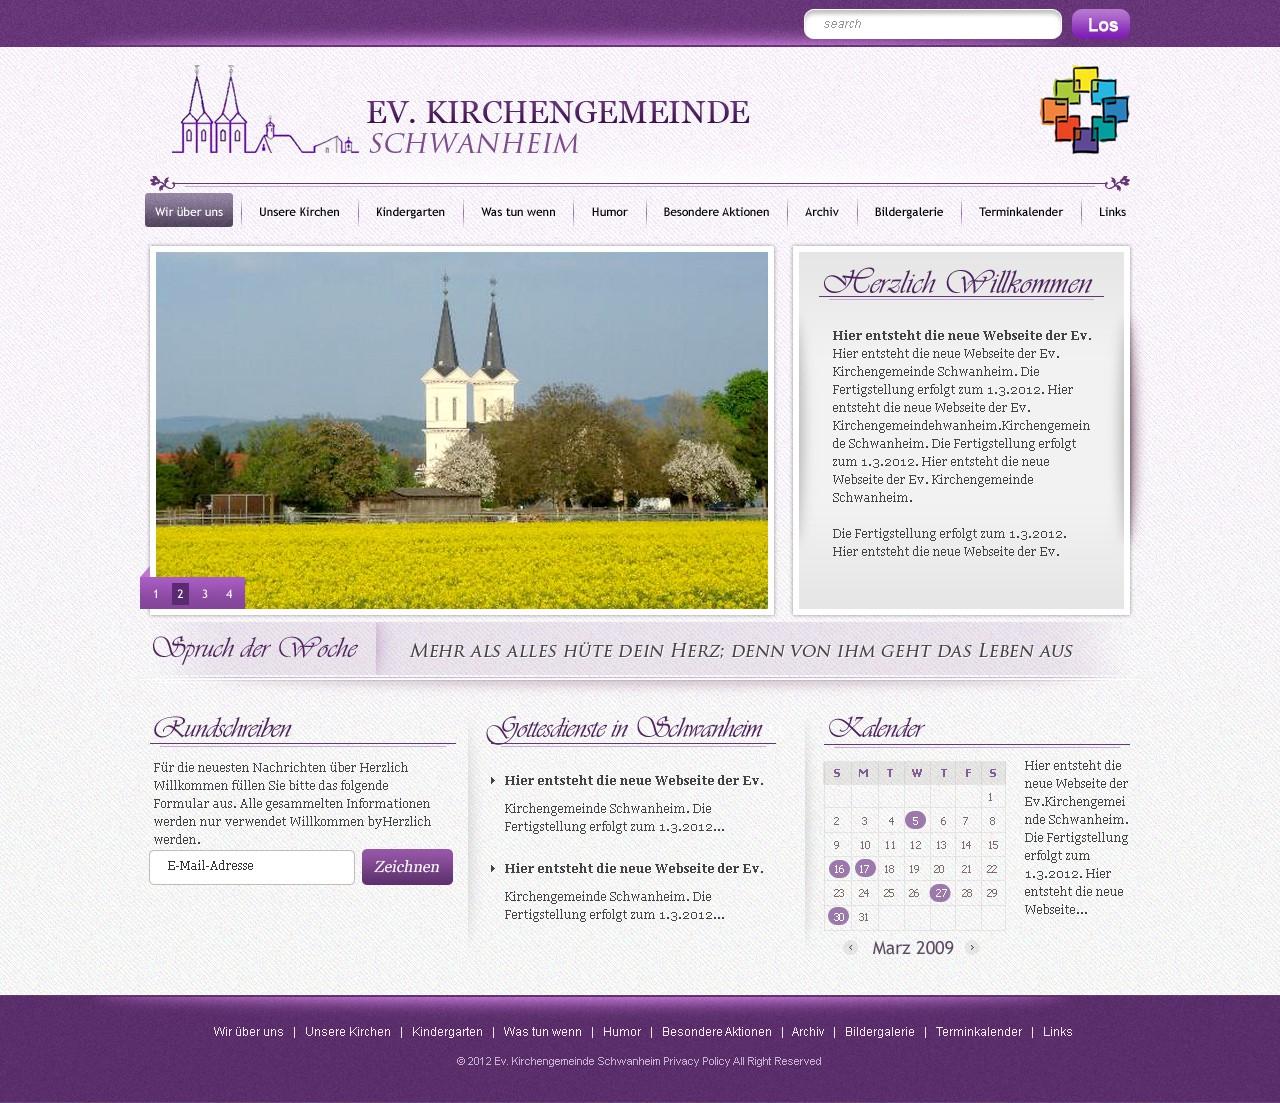 Ev. Kirchengemeinde Schwanheim needs a new website design